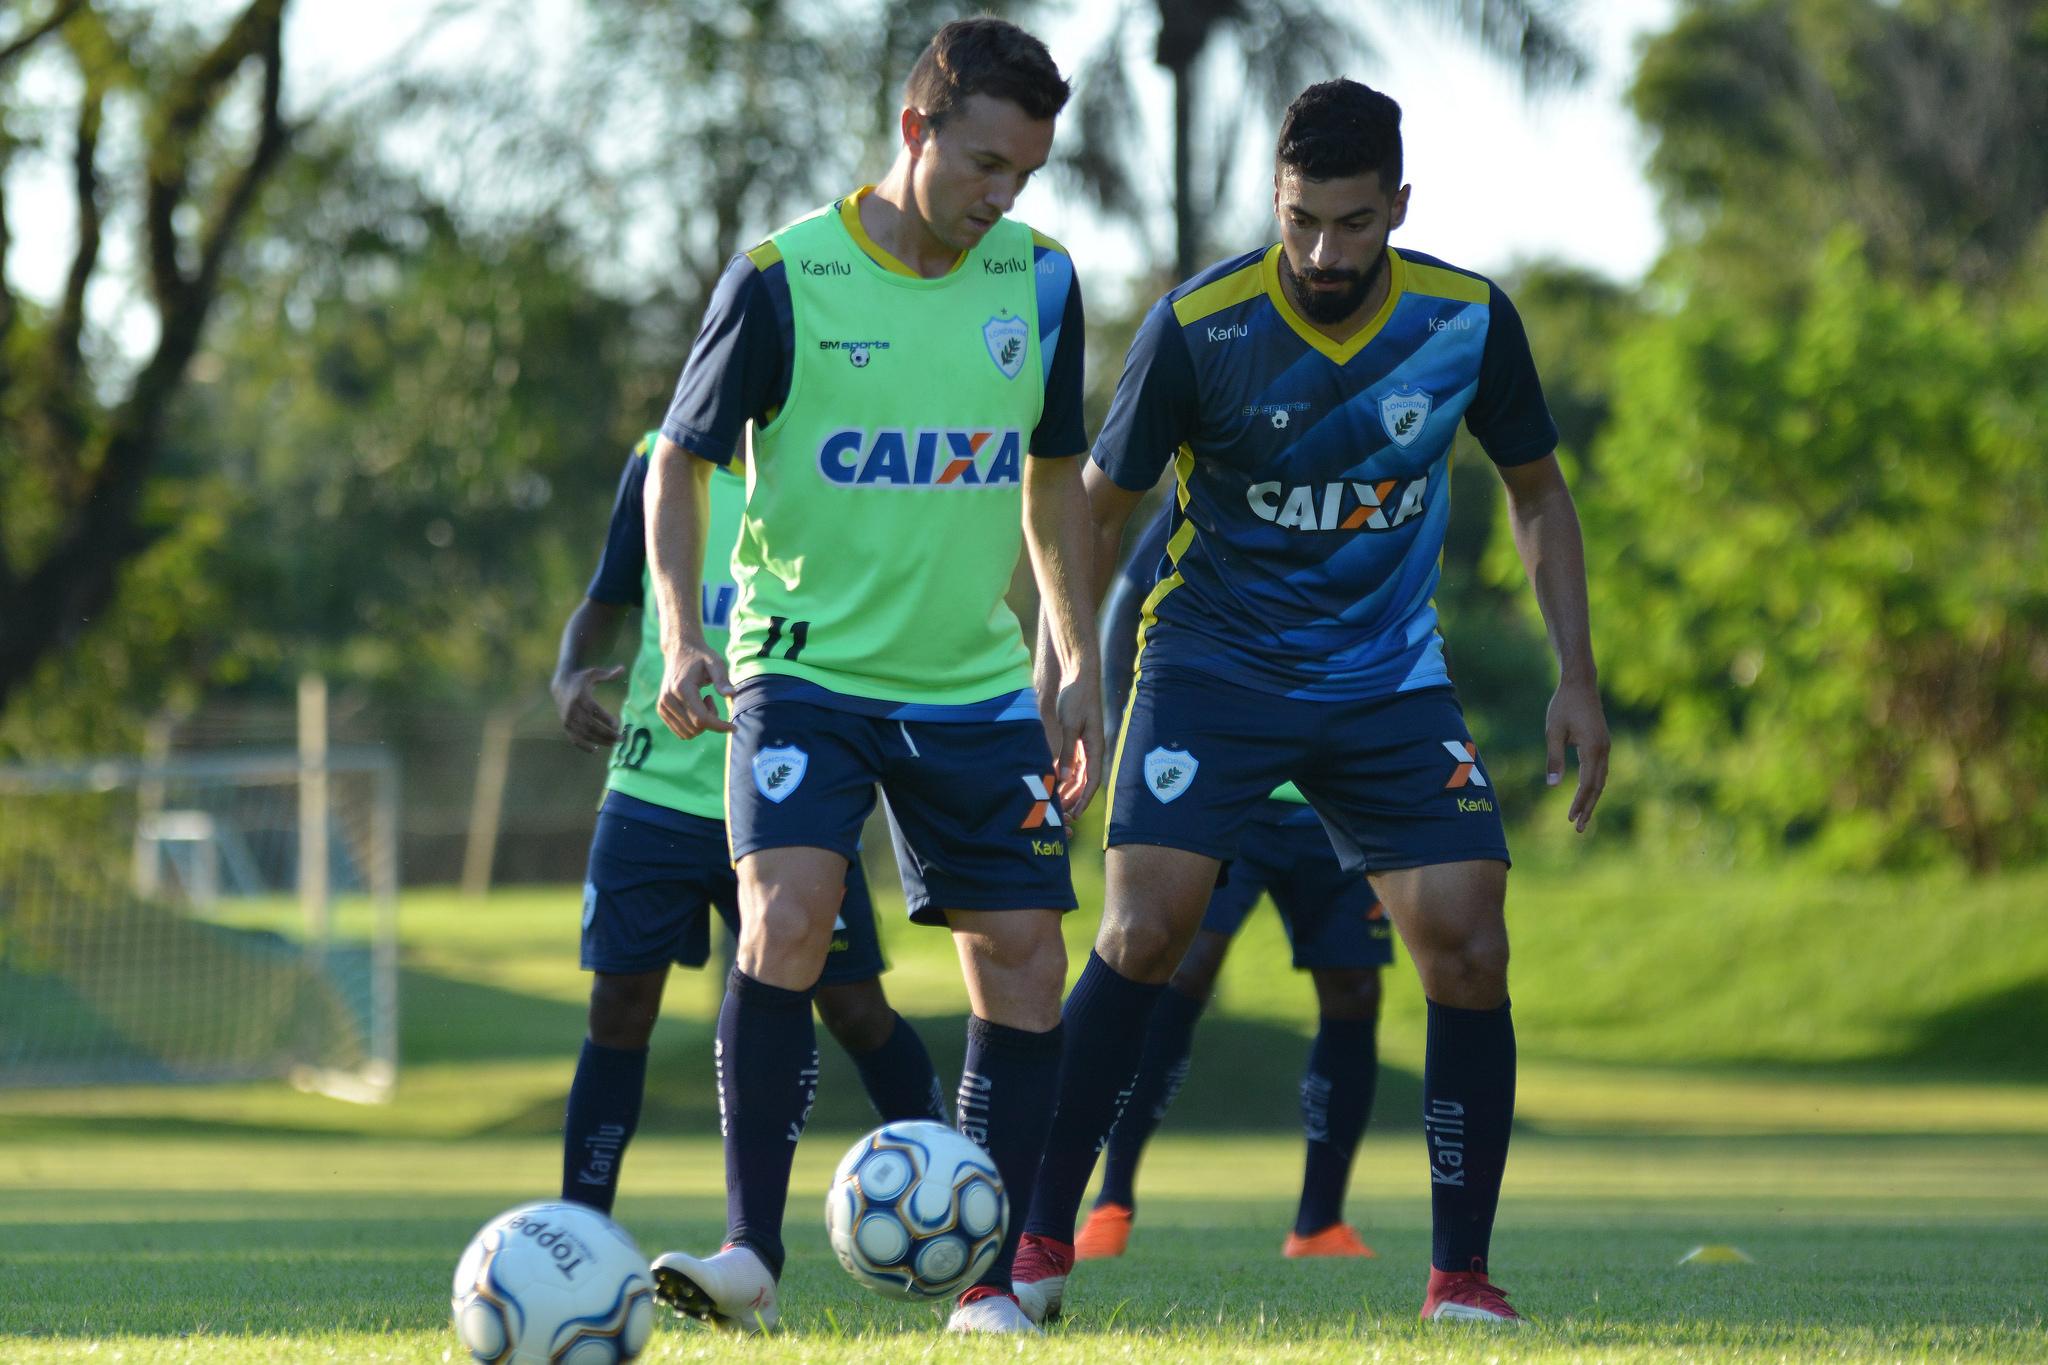 Dagoberto ficará de fora dos treinamentos e jogos até a recuperação de sua lesão Foto Gustavo Oliveira/LEC